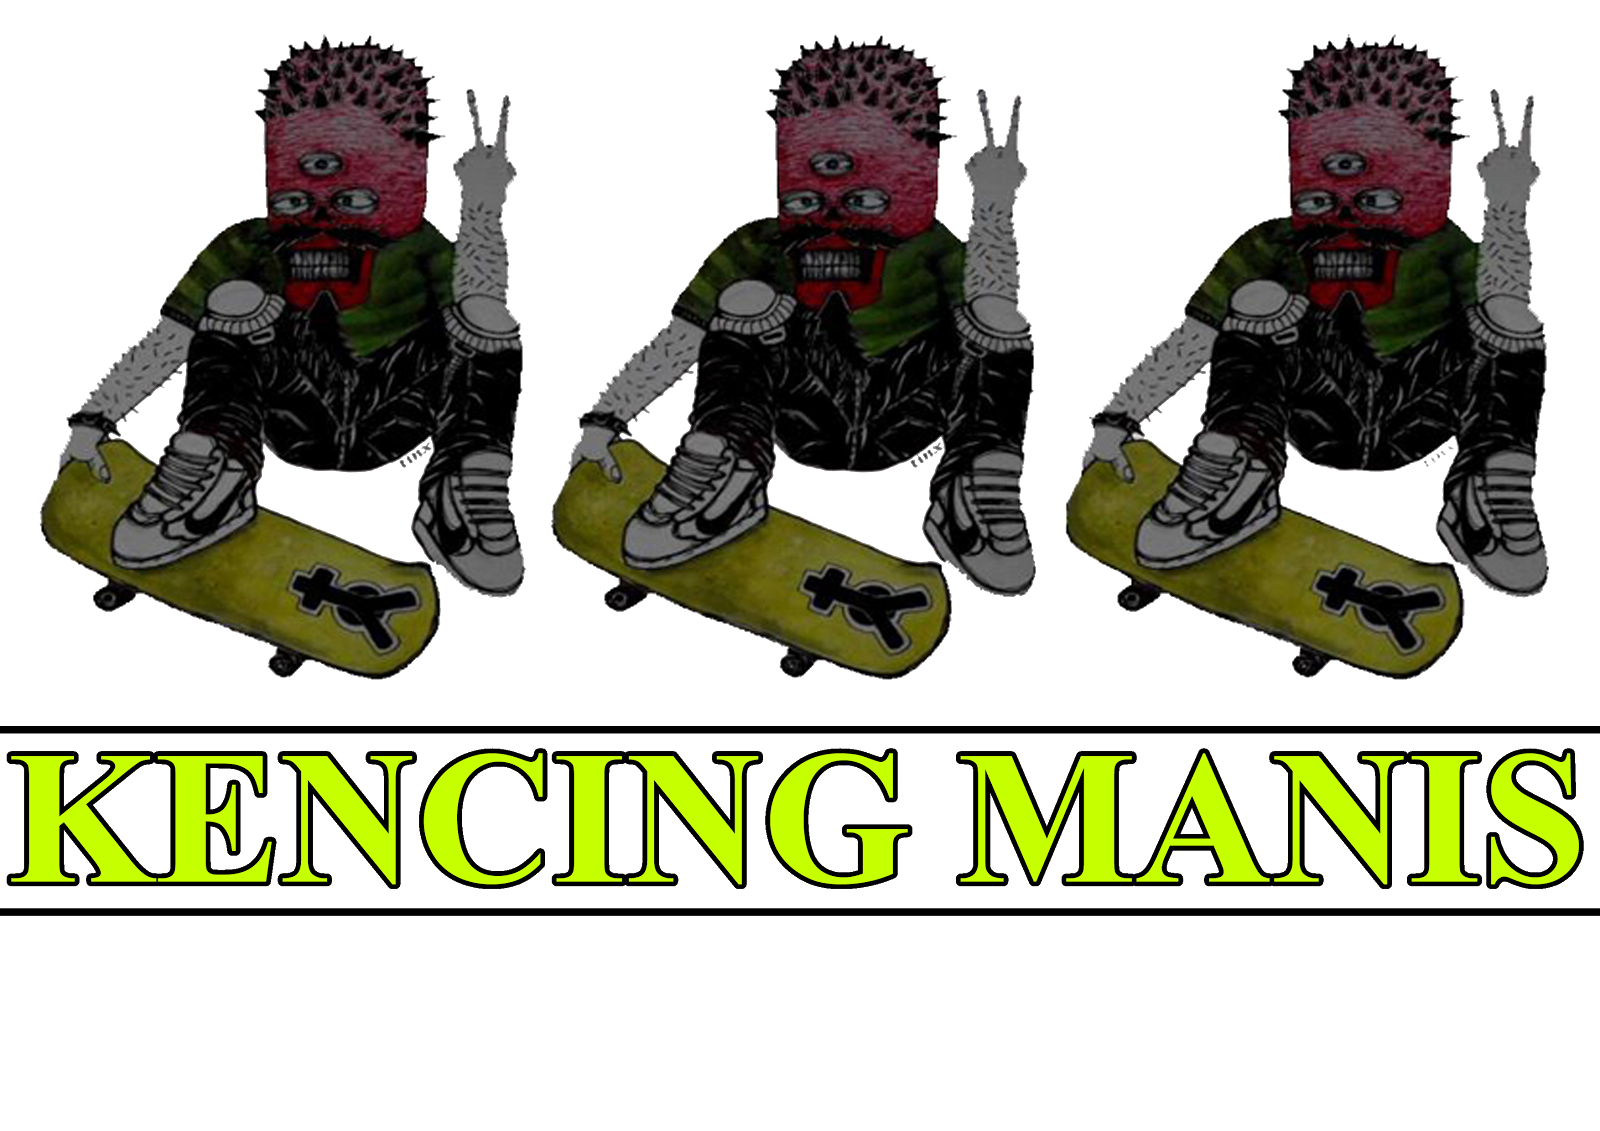 KENCING MANIS